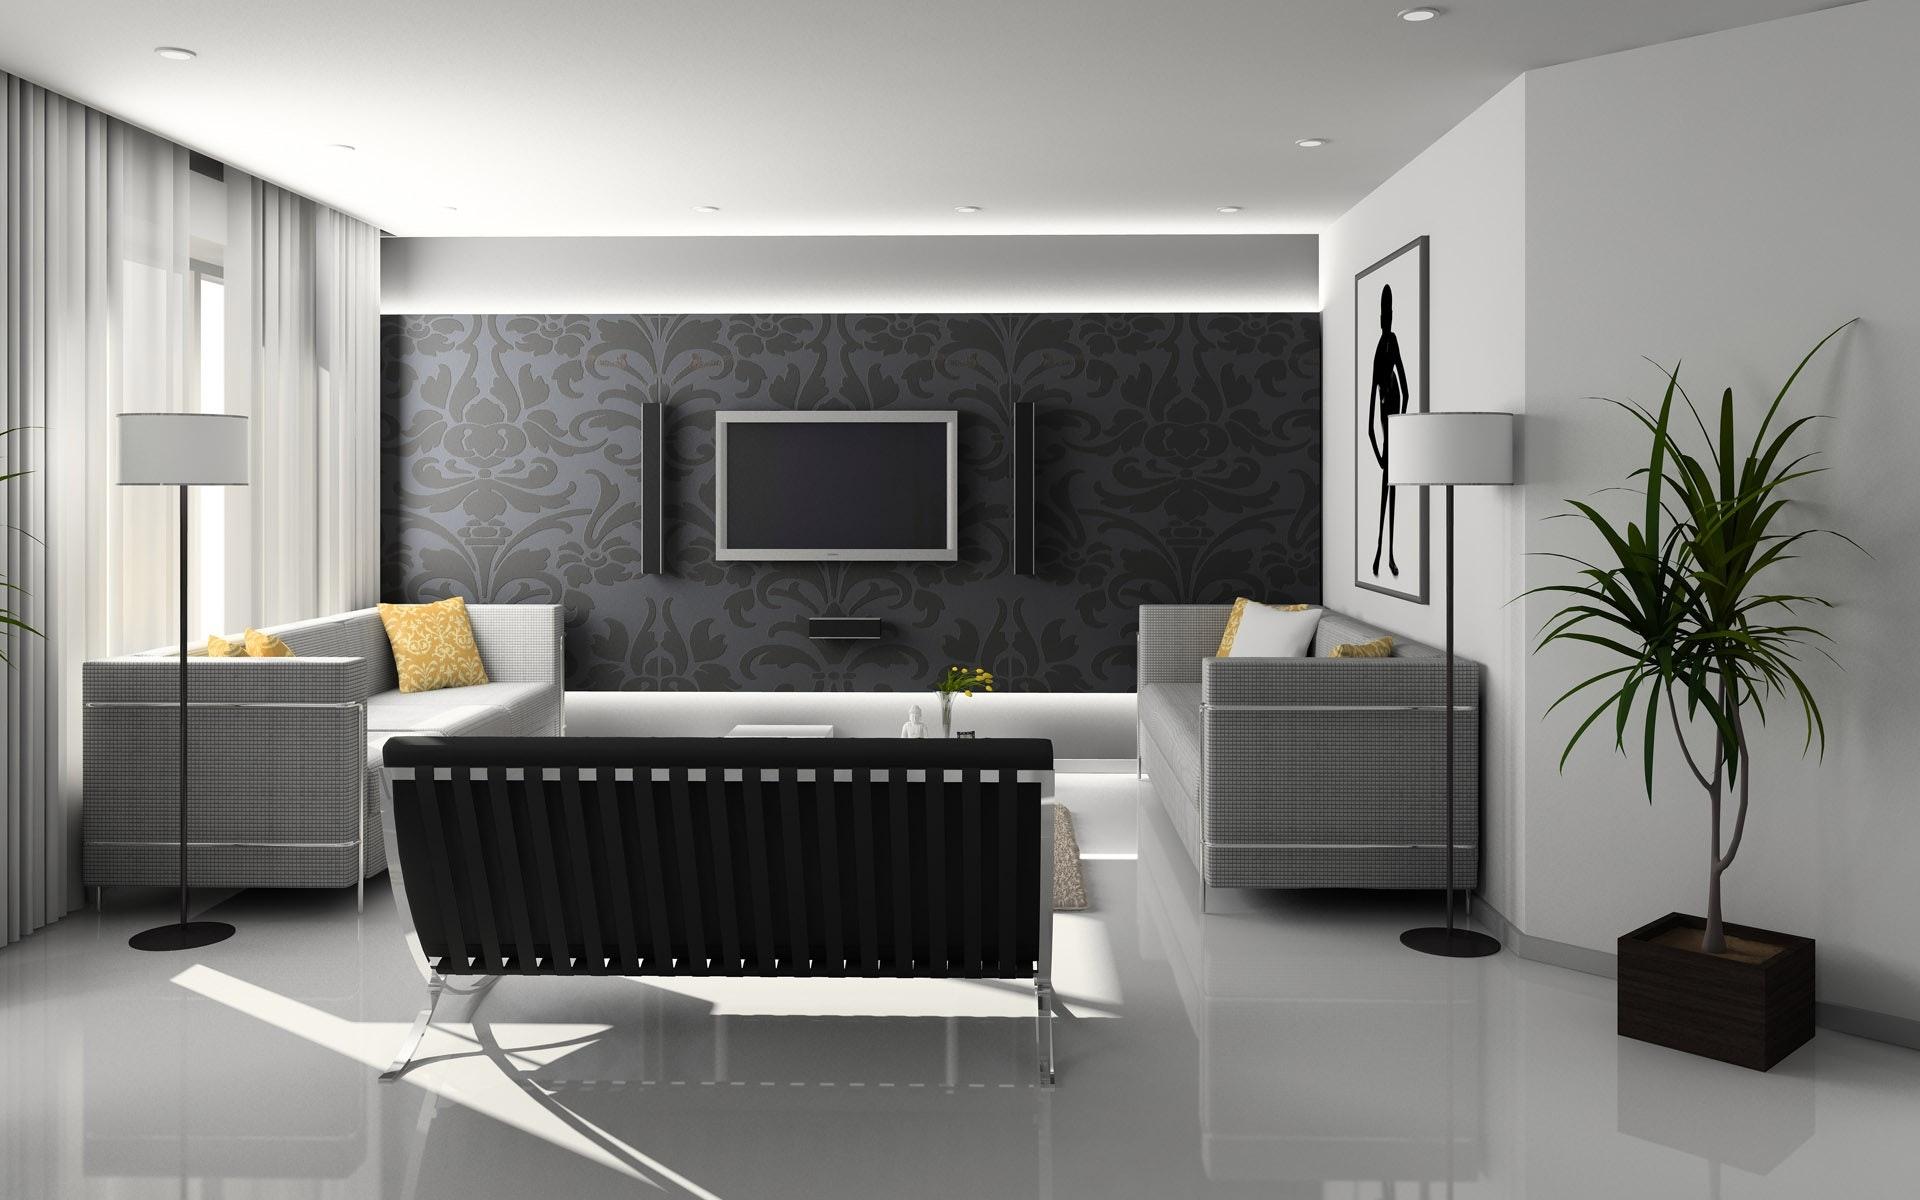 Casa decorada: como aumentar o valor do imóvel